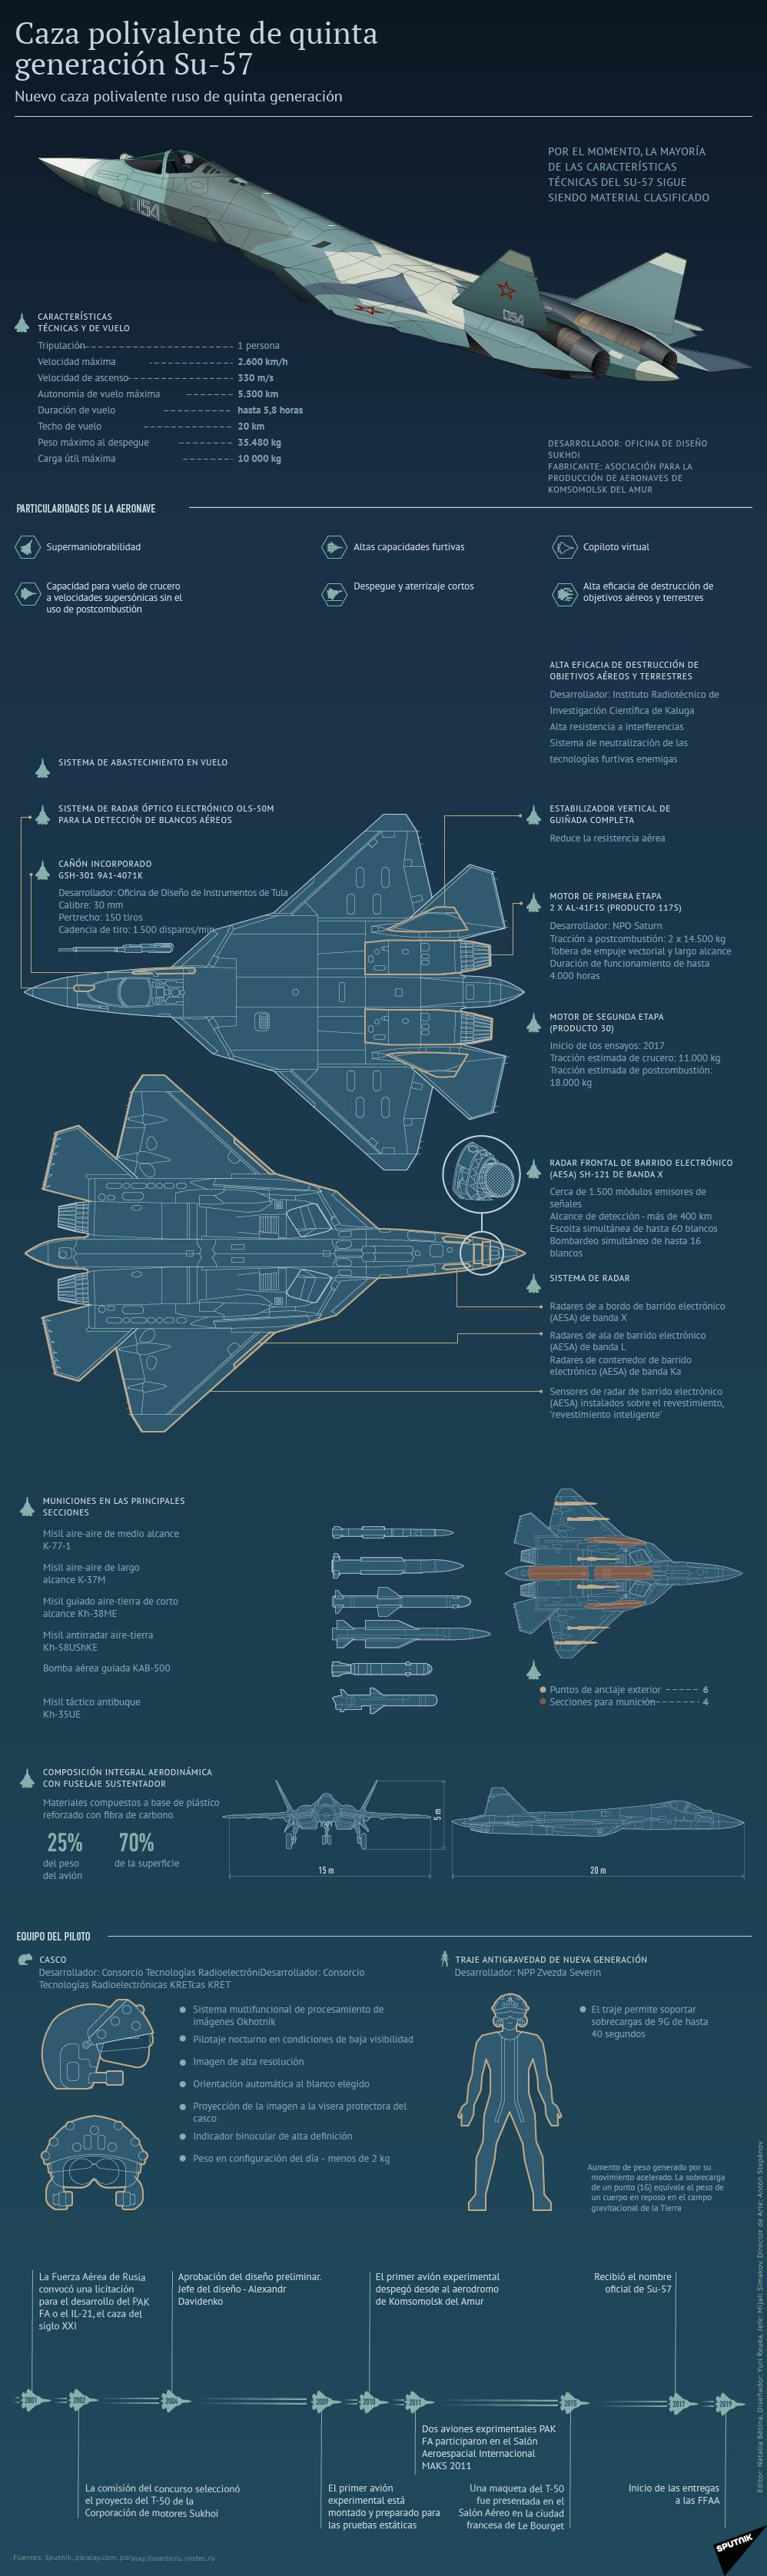 El rey de los cielos rusos: el T-50 ruso en detalle - Sputnik Mundo